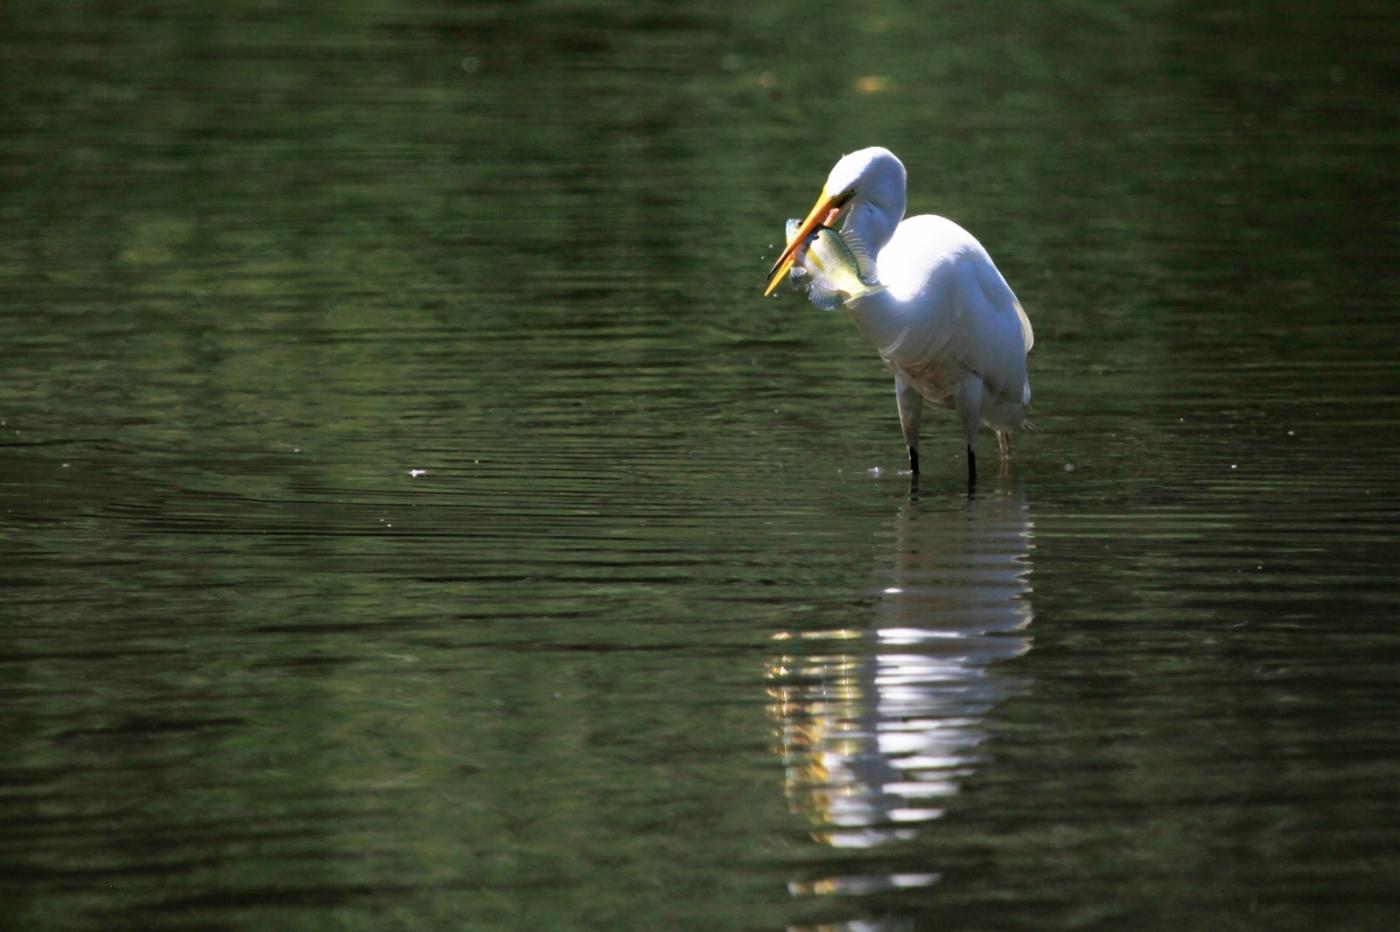 中央公园的白鹭,姿态优美,游客喜爱_图1-22